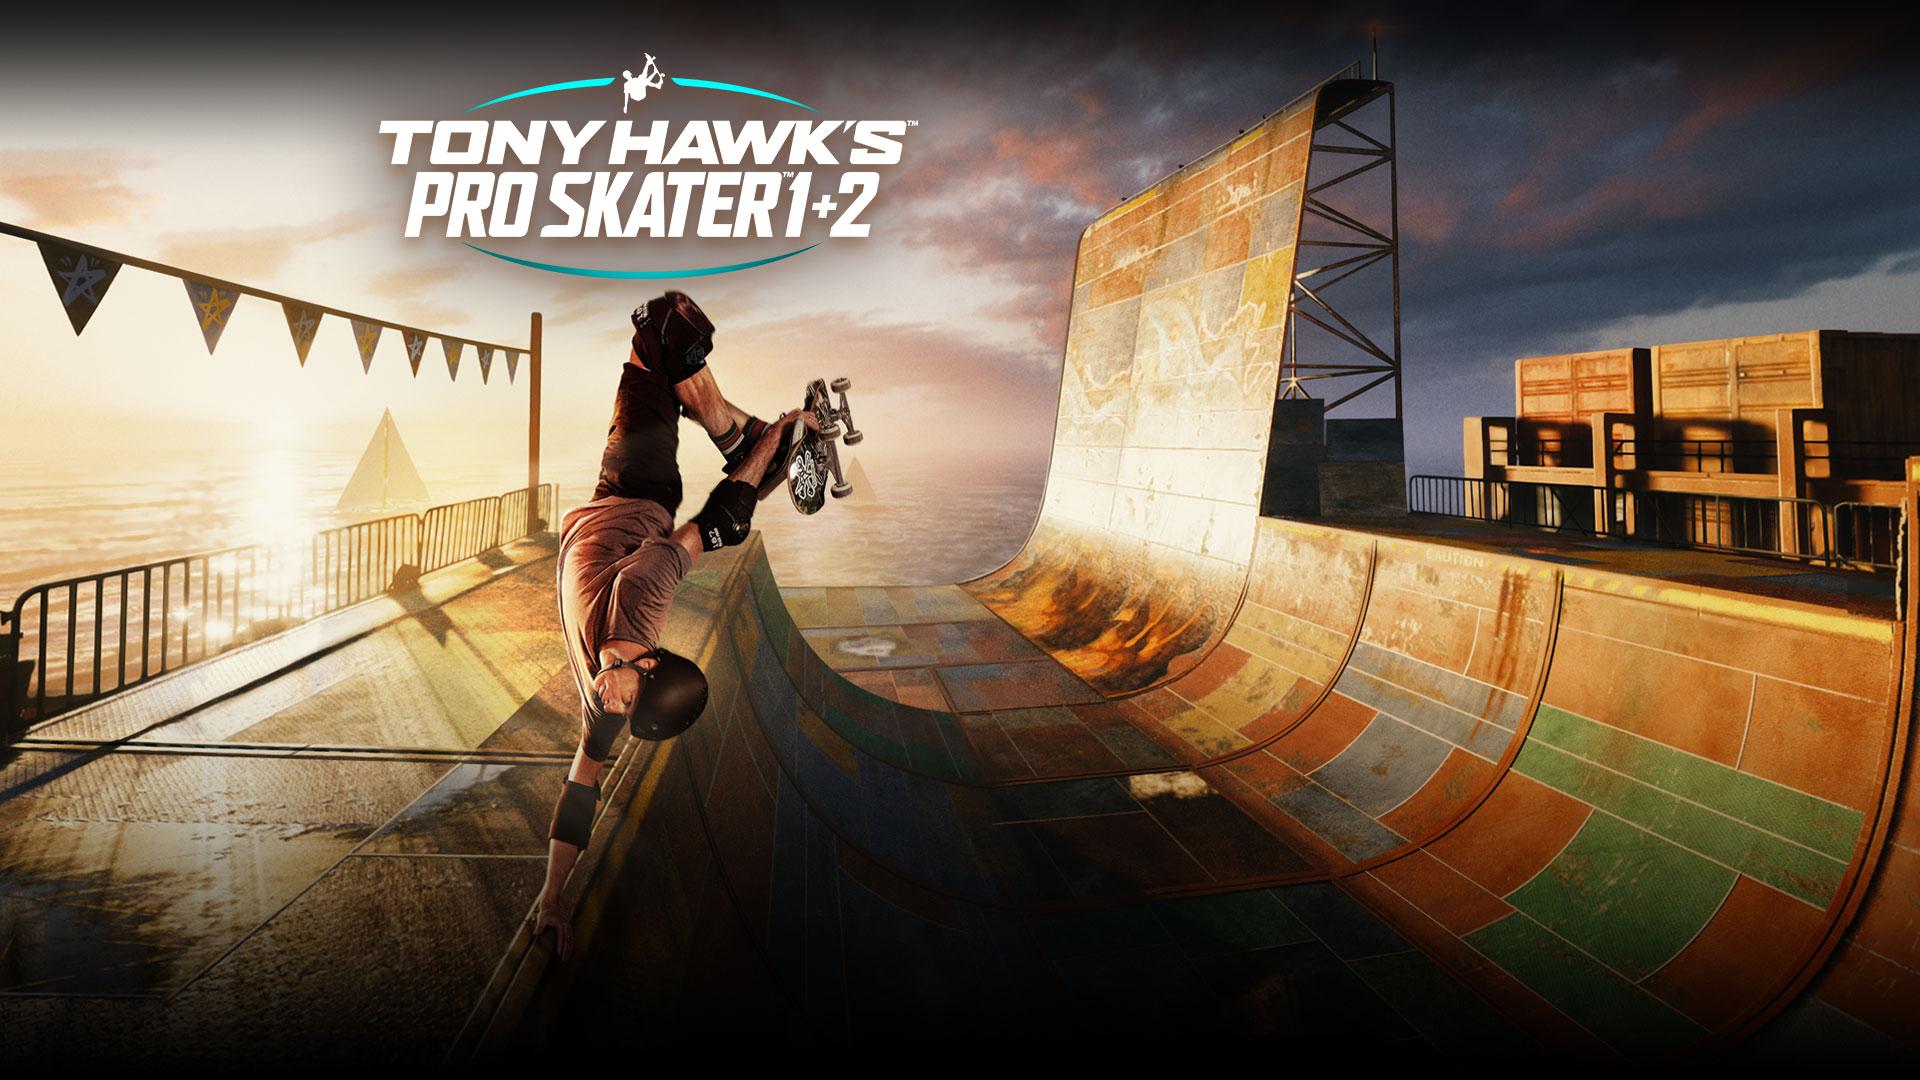 Tony Hawk's Pro Skater 1 + 2, Tony Hawk hace un truco de skate en un medio tubo junto a un océano iluminado por el sol.